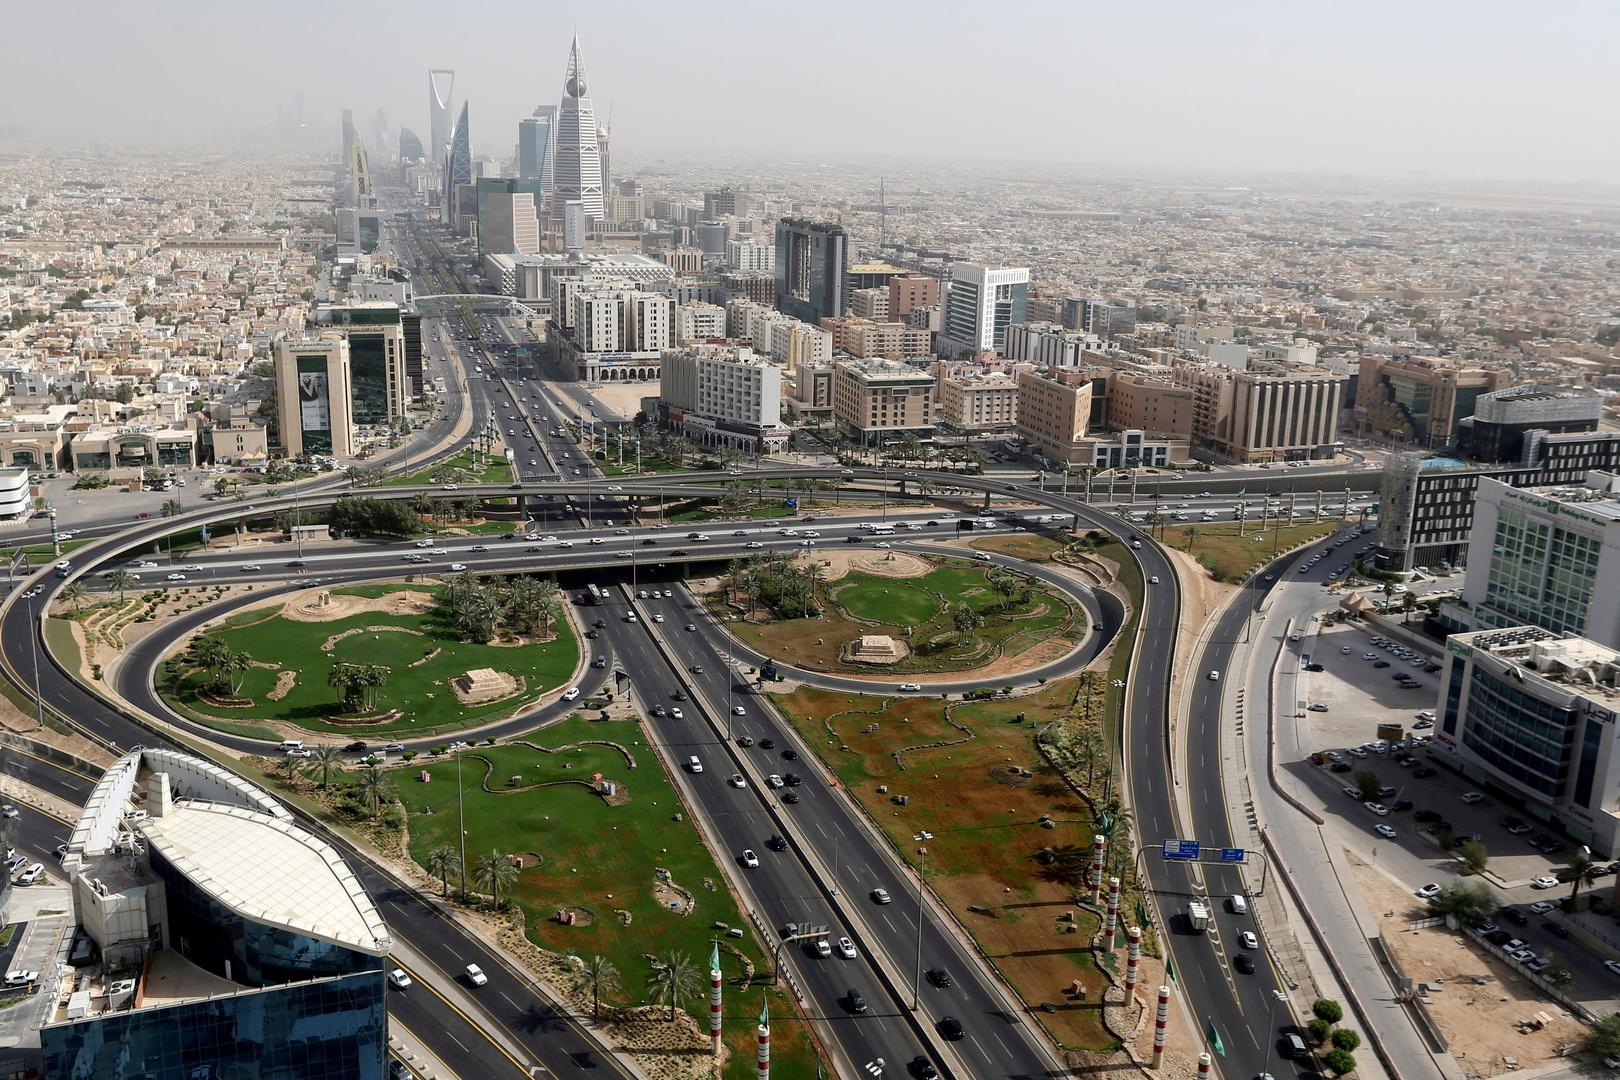 السعودية: نخطط لاستثمار 147 مليار دولار في قطاع النقل ونكون مركزا لوجيستيا عالميا للشحن الجوي